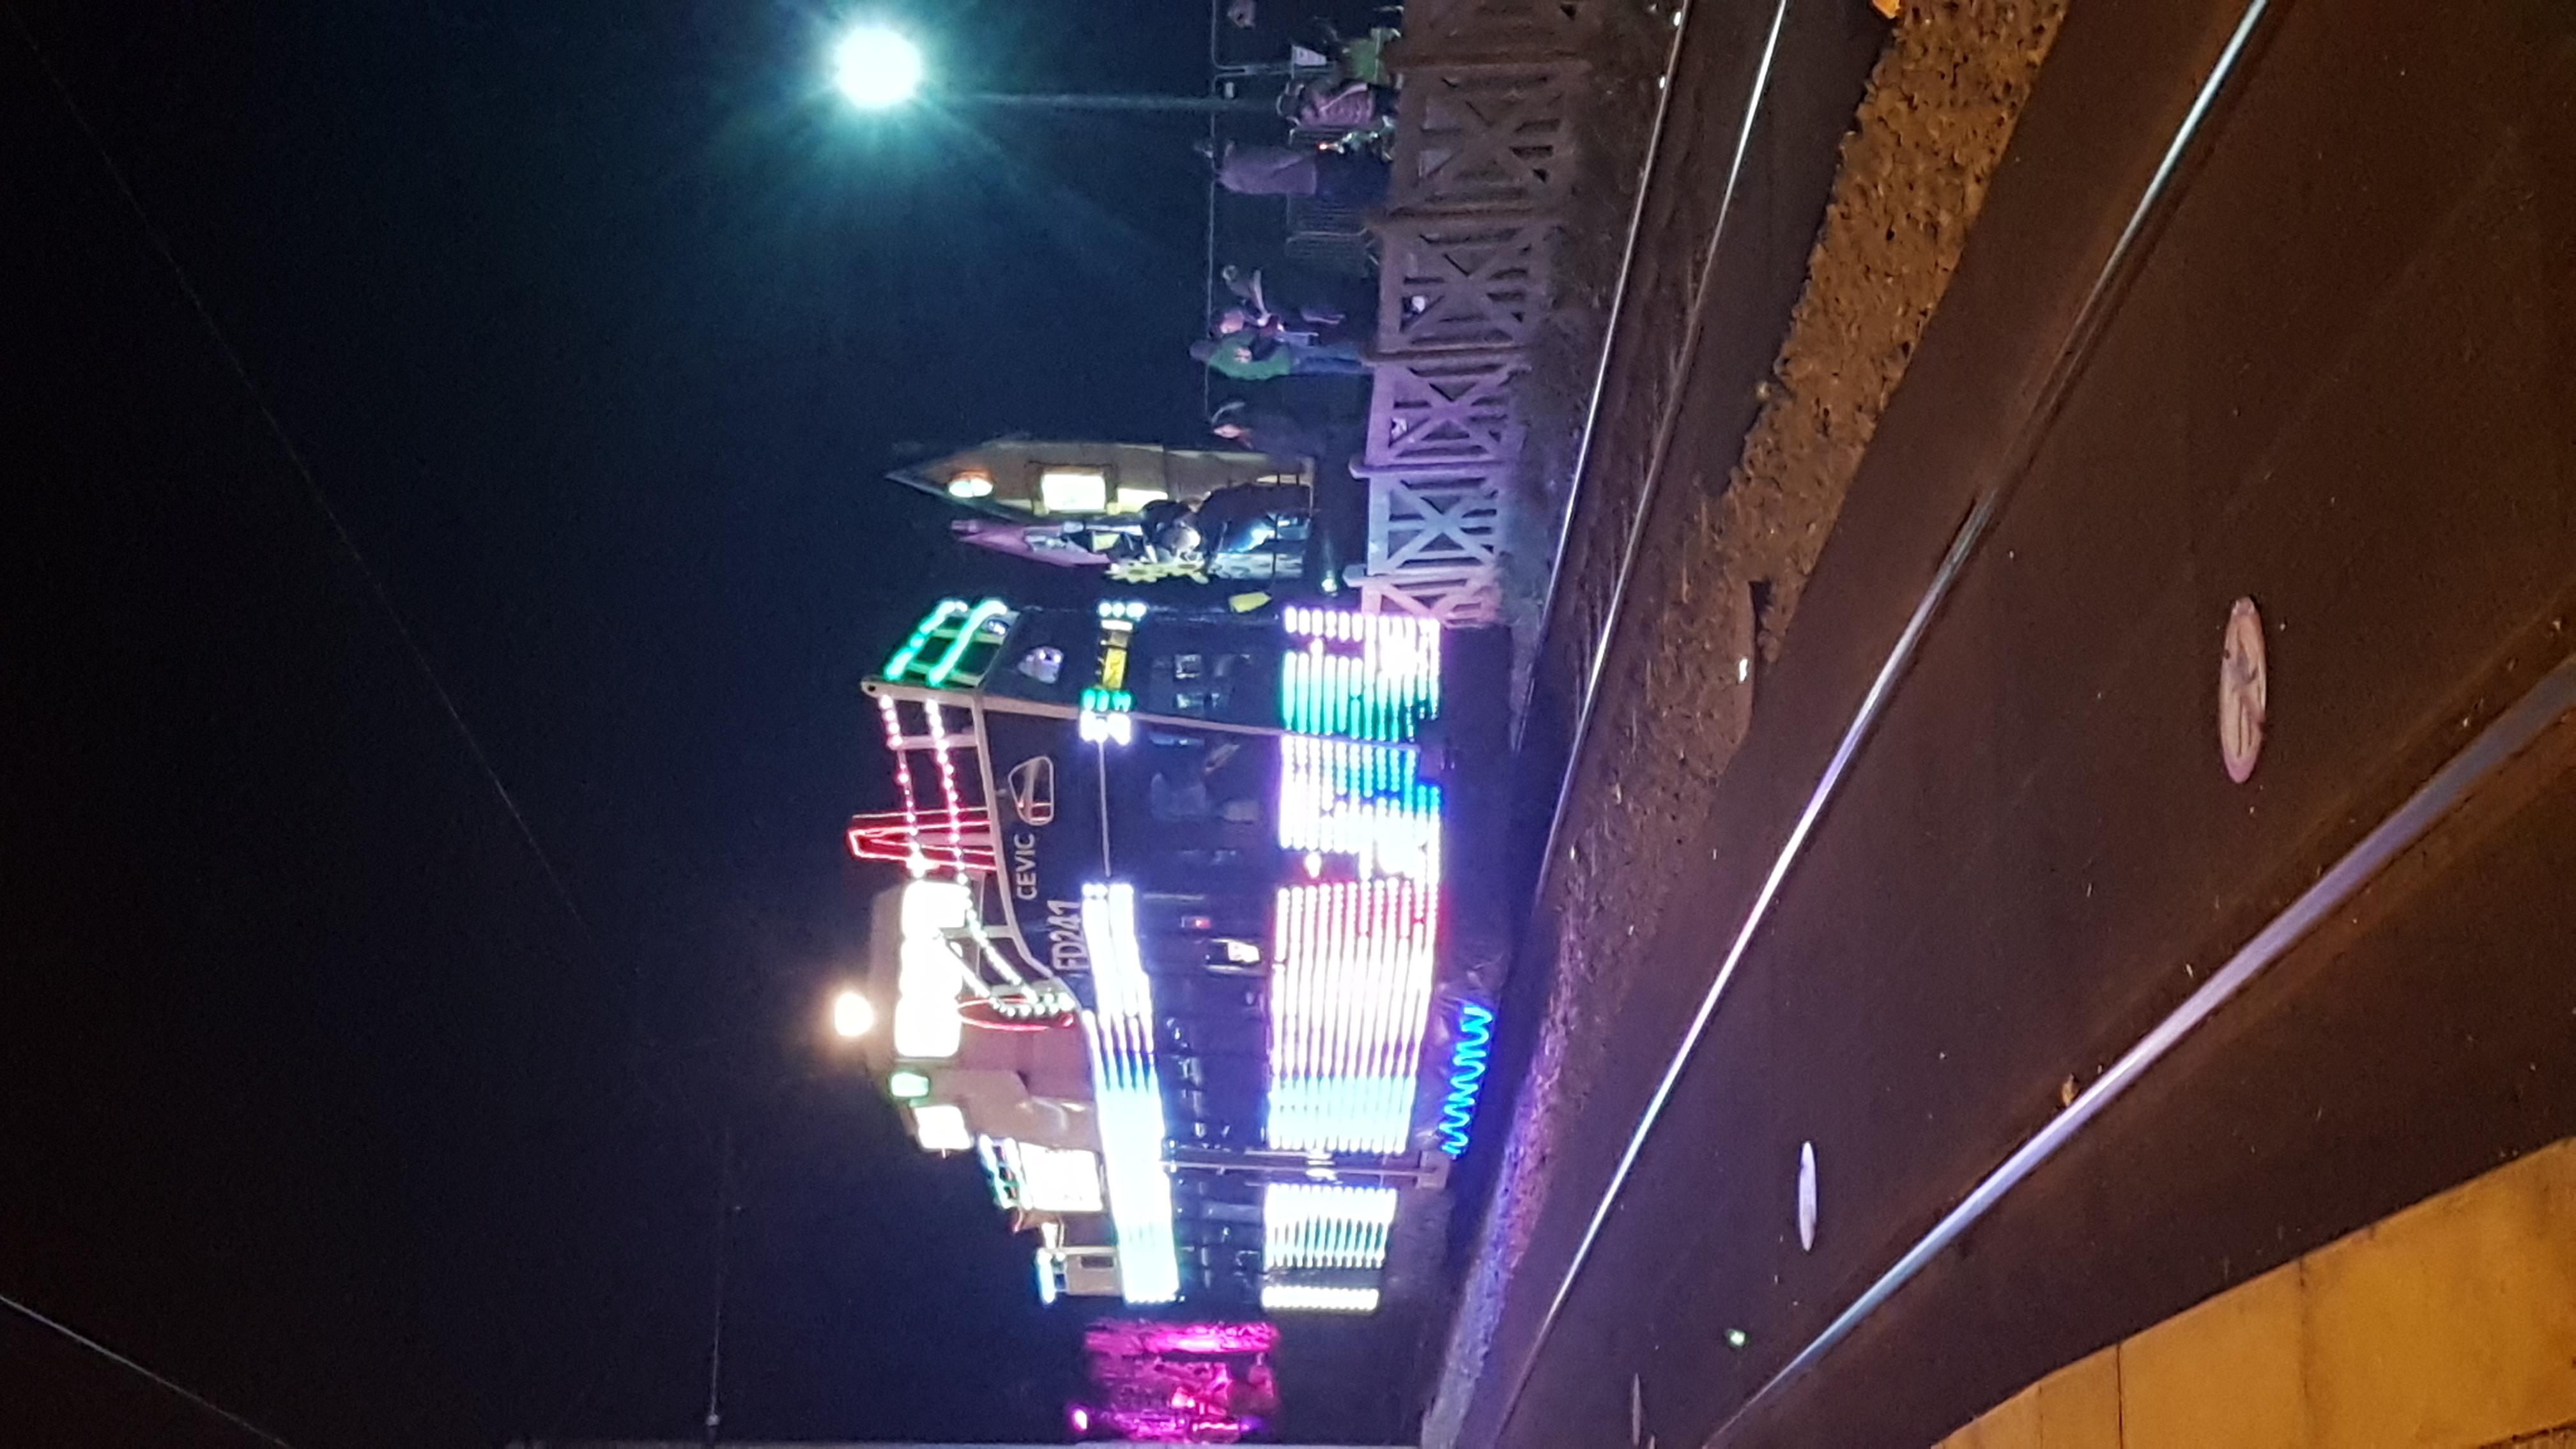 LED tram